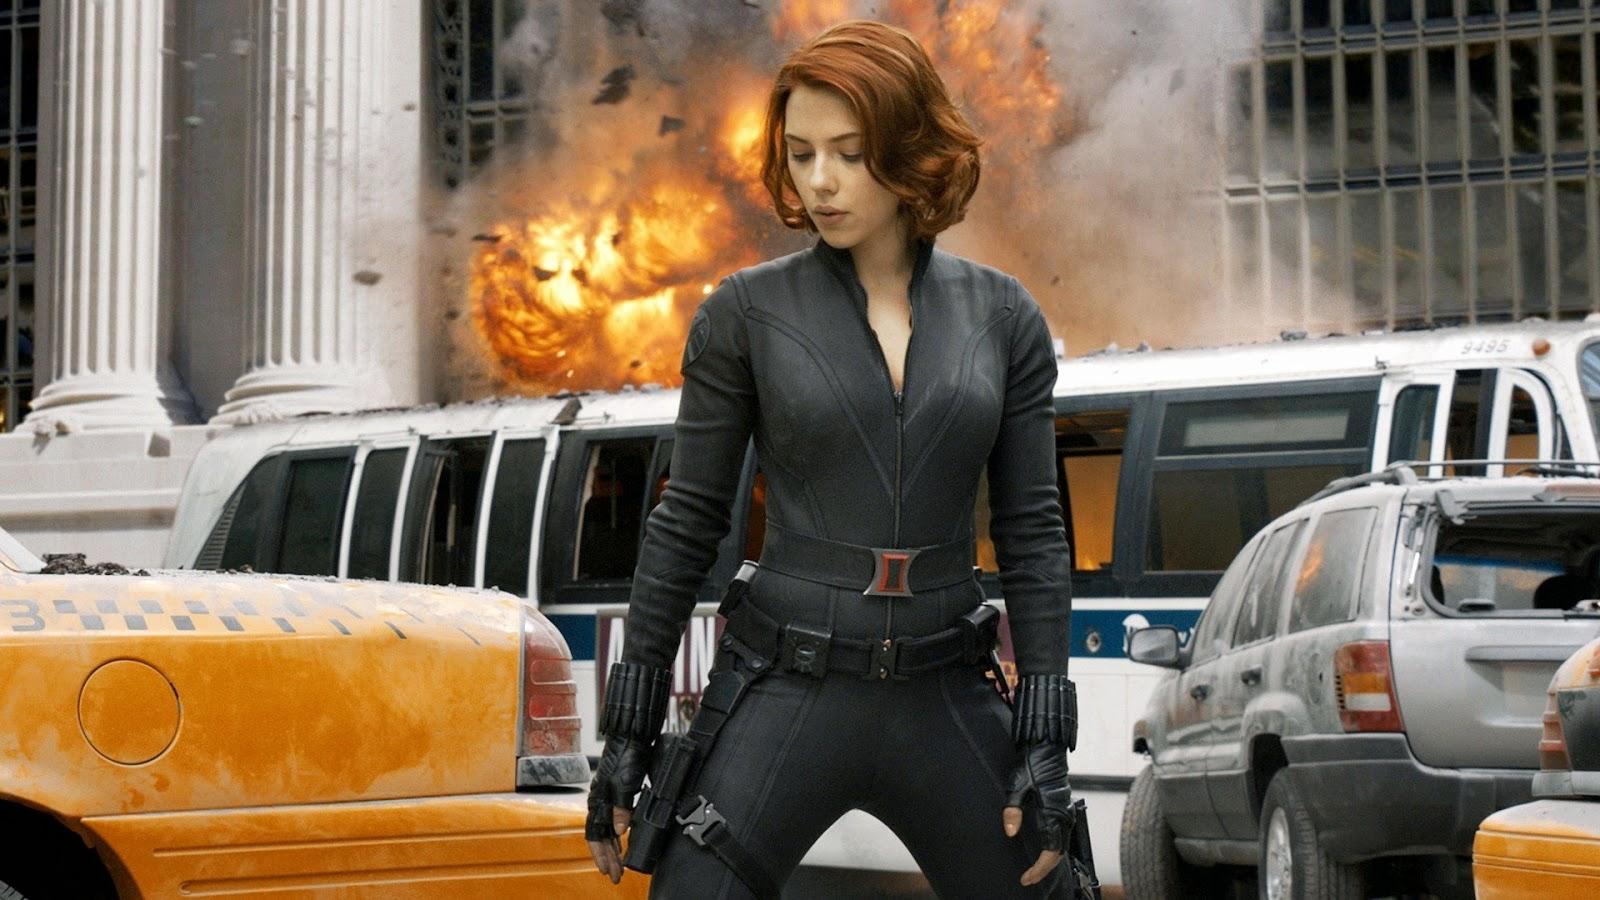 Scarlett Johansson in Avengers Movie 1080p